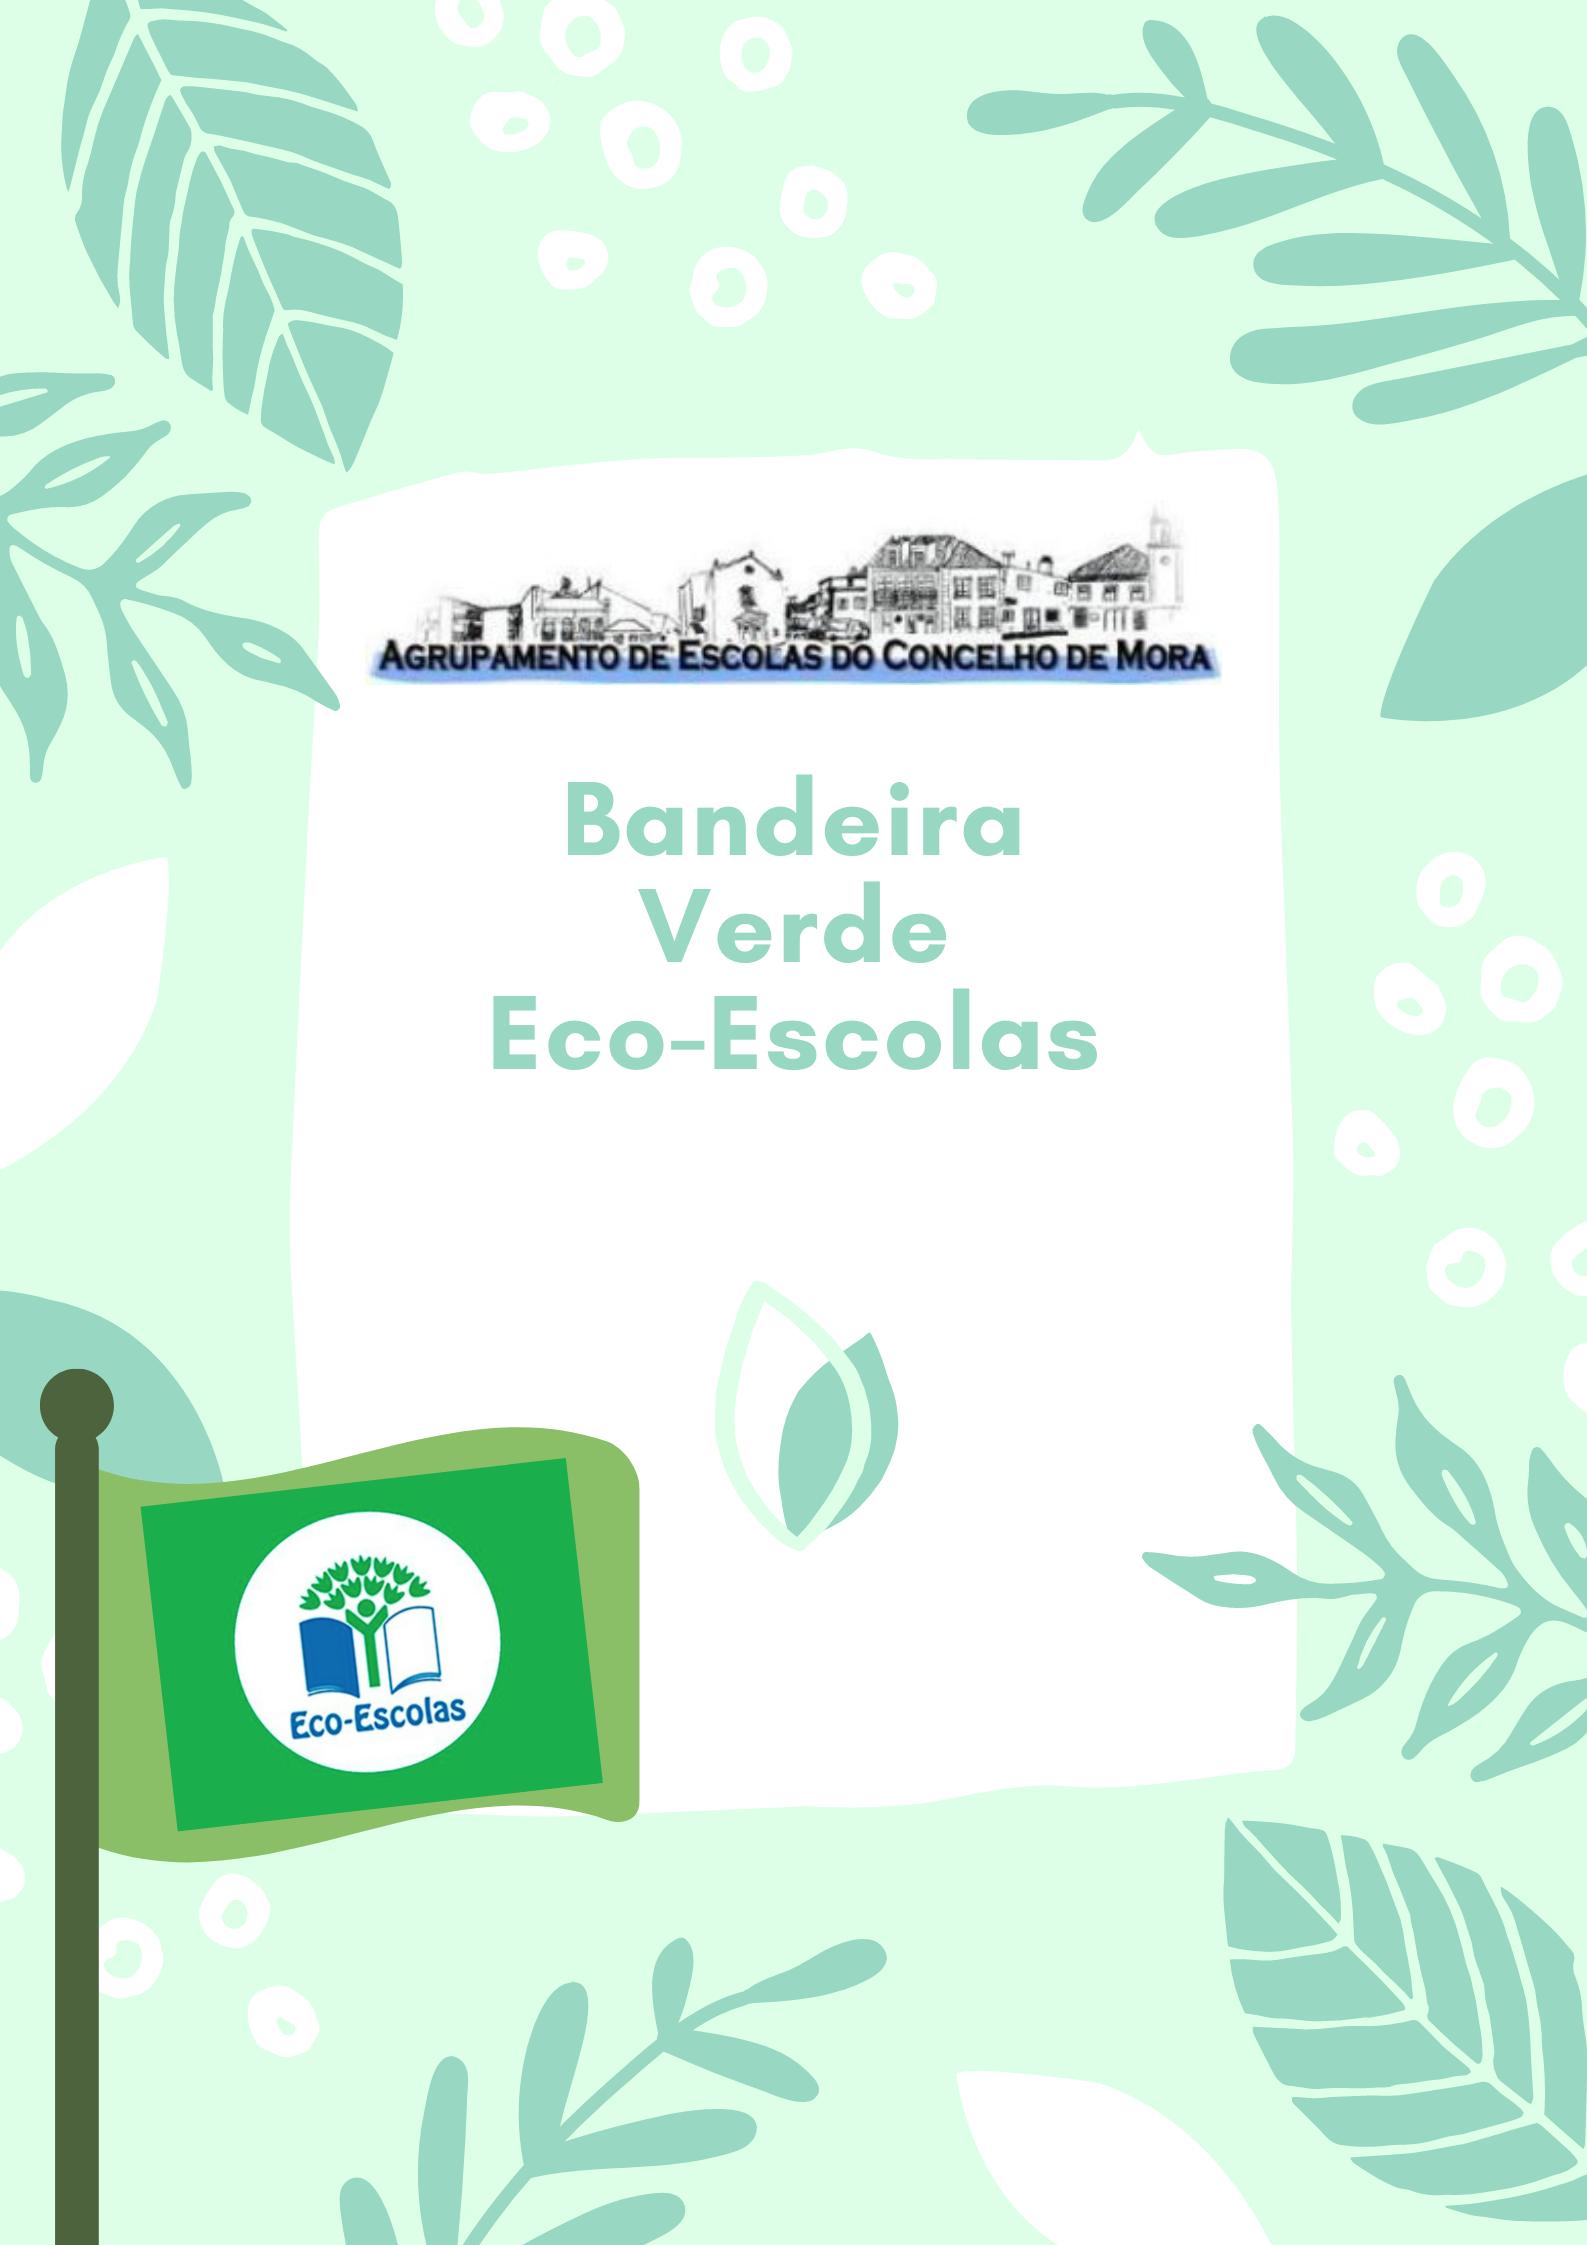 Bandeira Verde Eco-Escolas